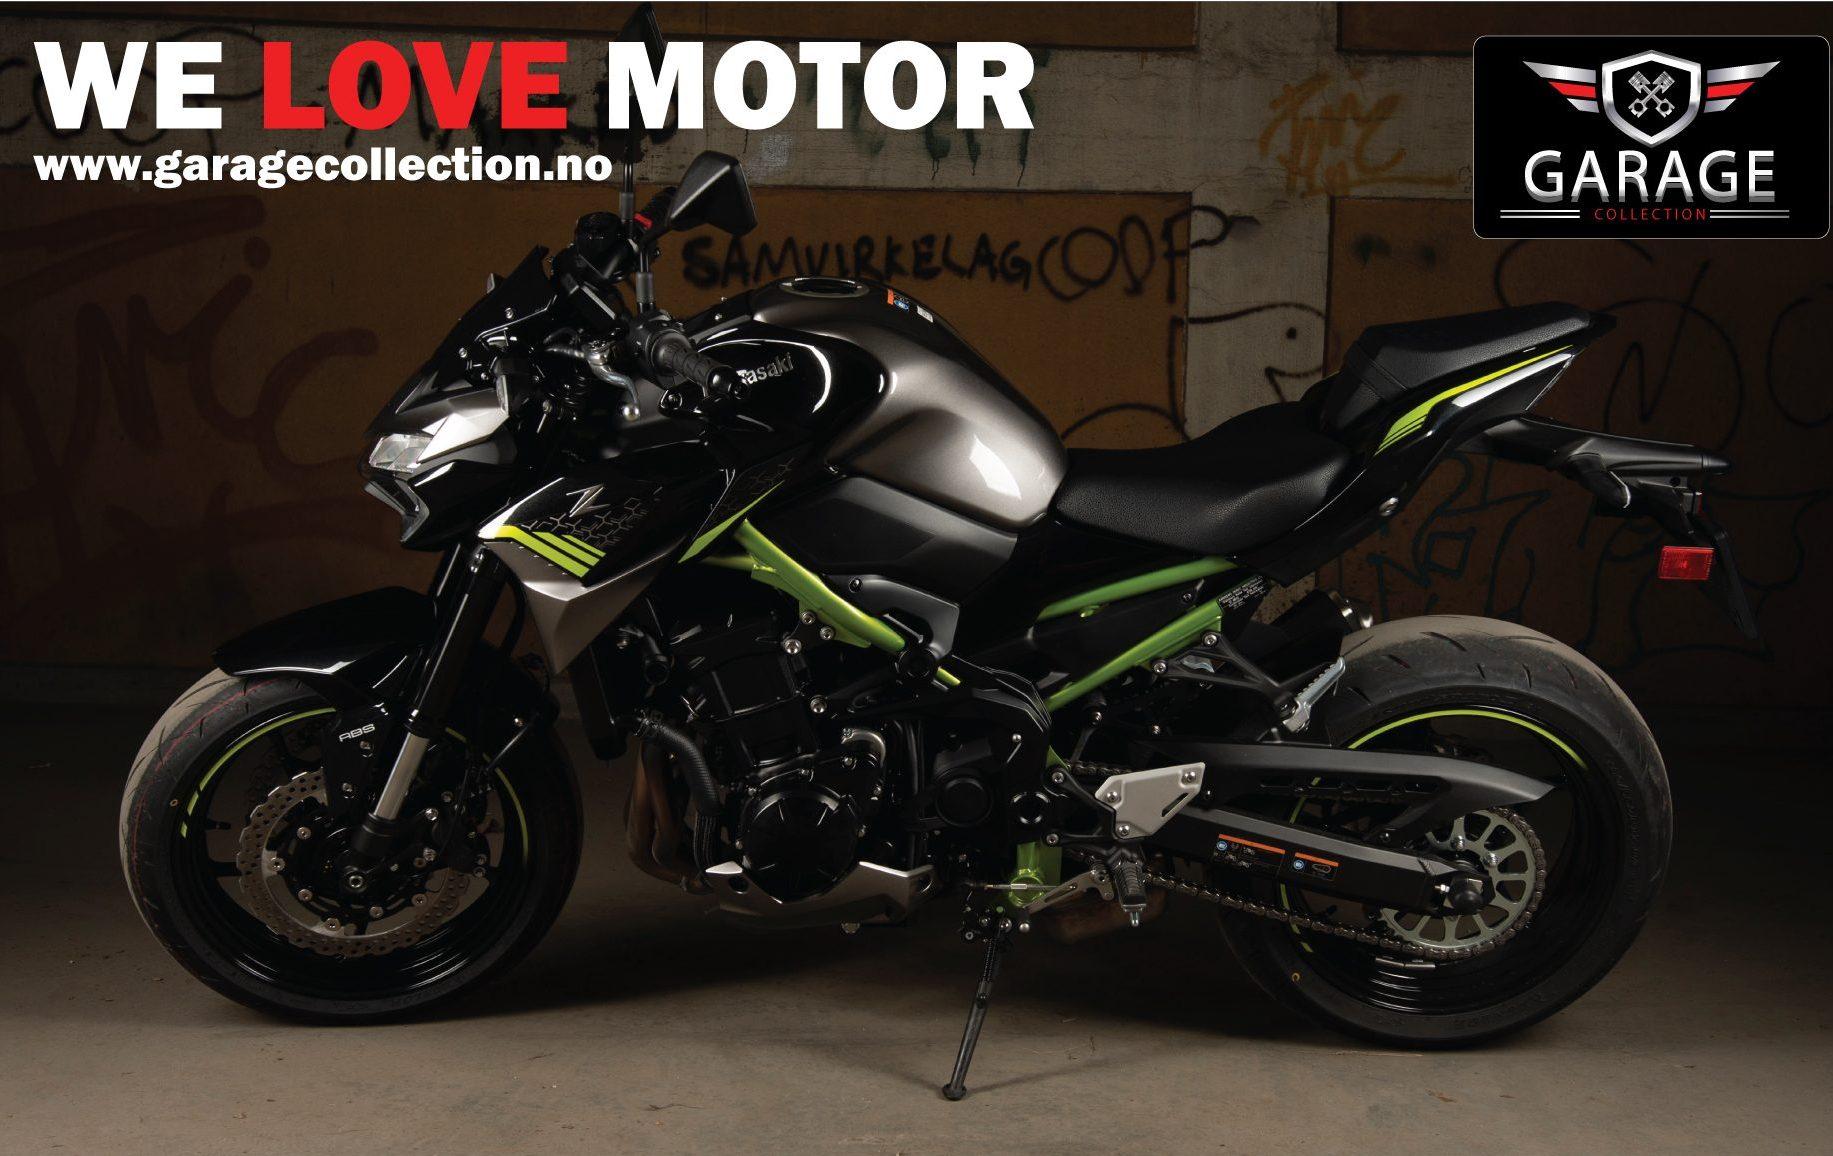 Testkjøring – Kawasaki Z900 – En meget undeholdene maskin